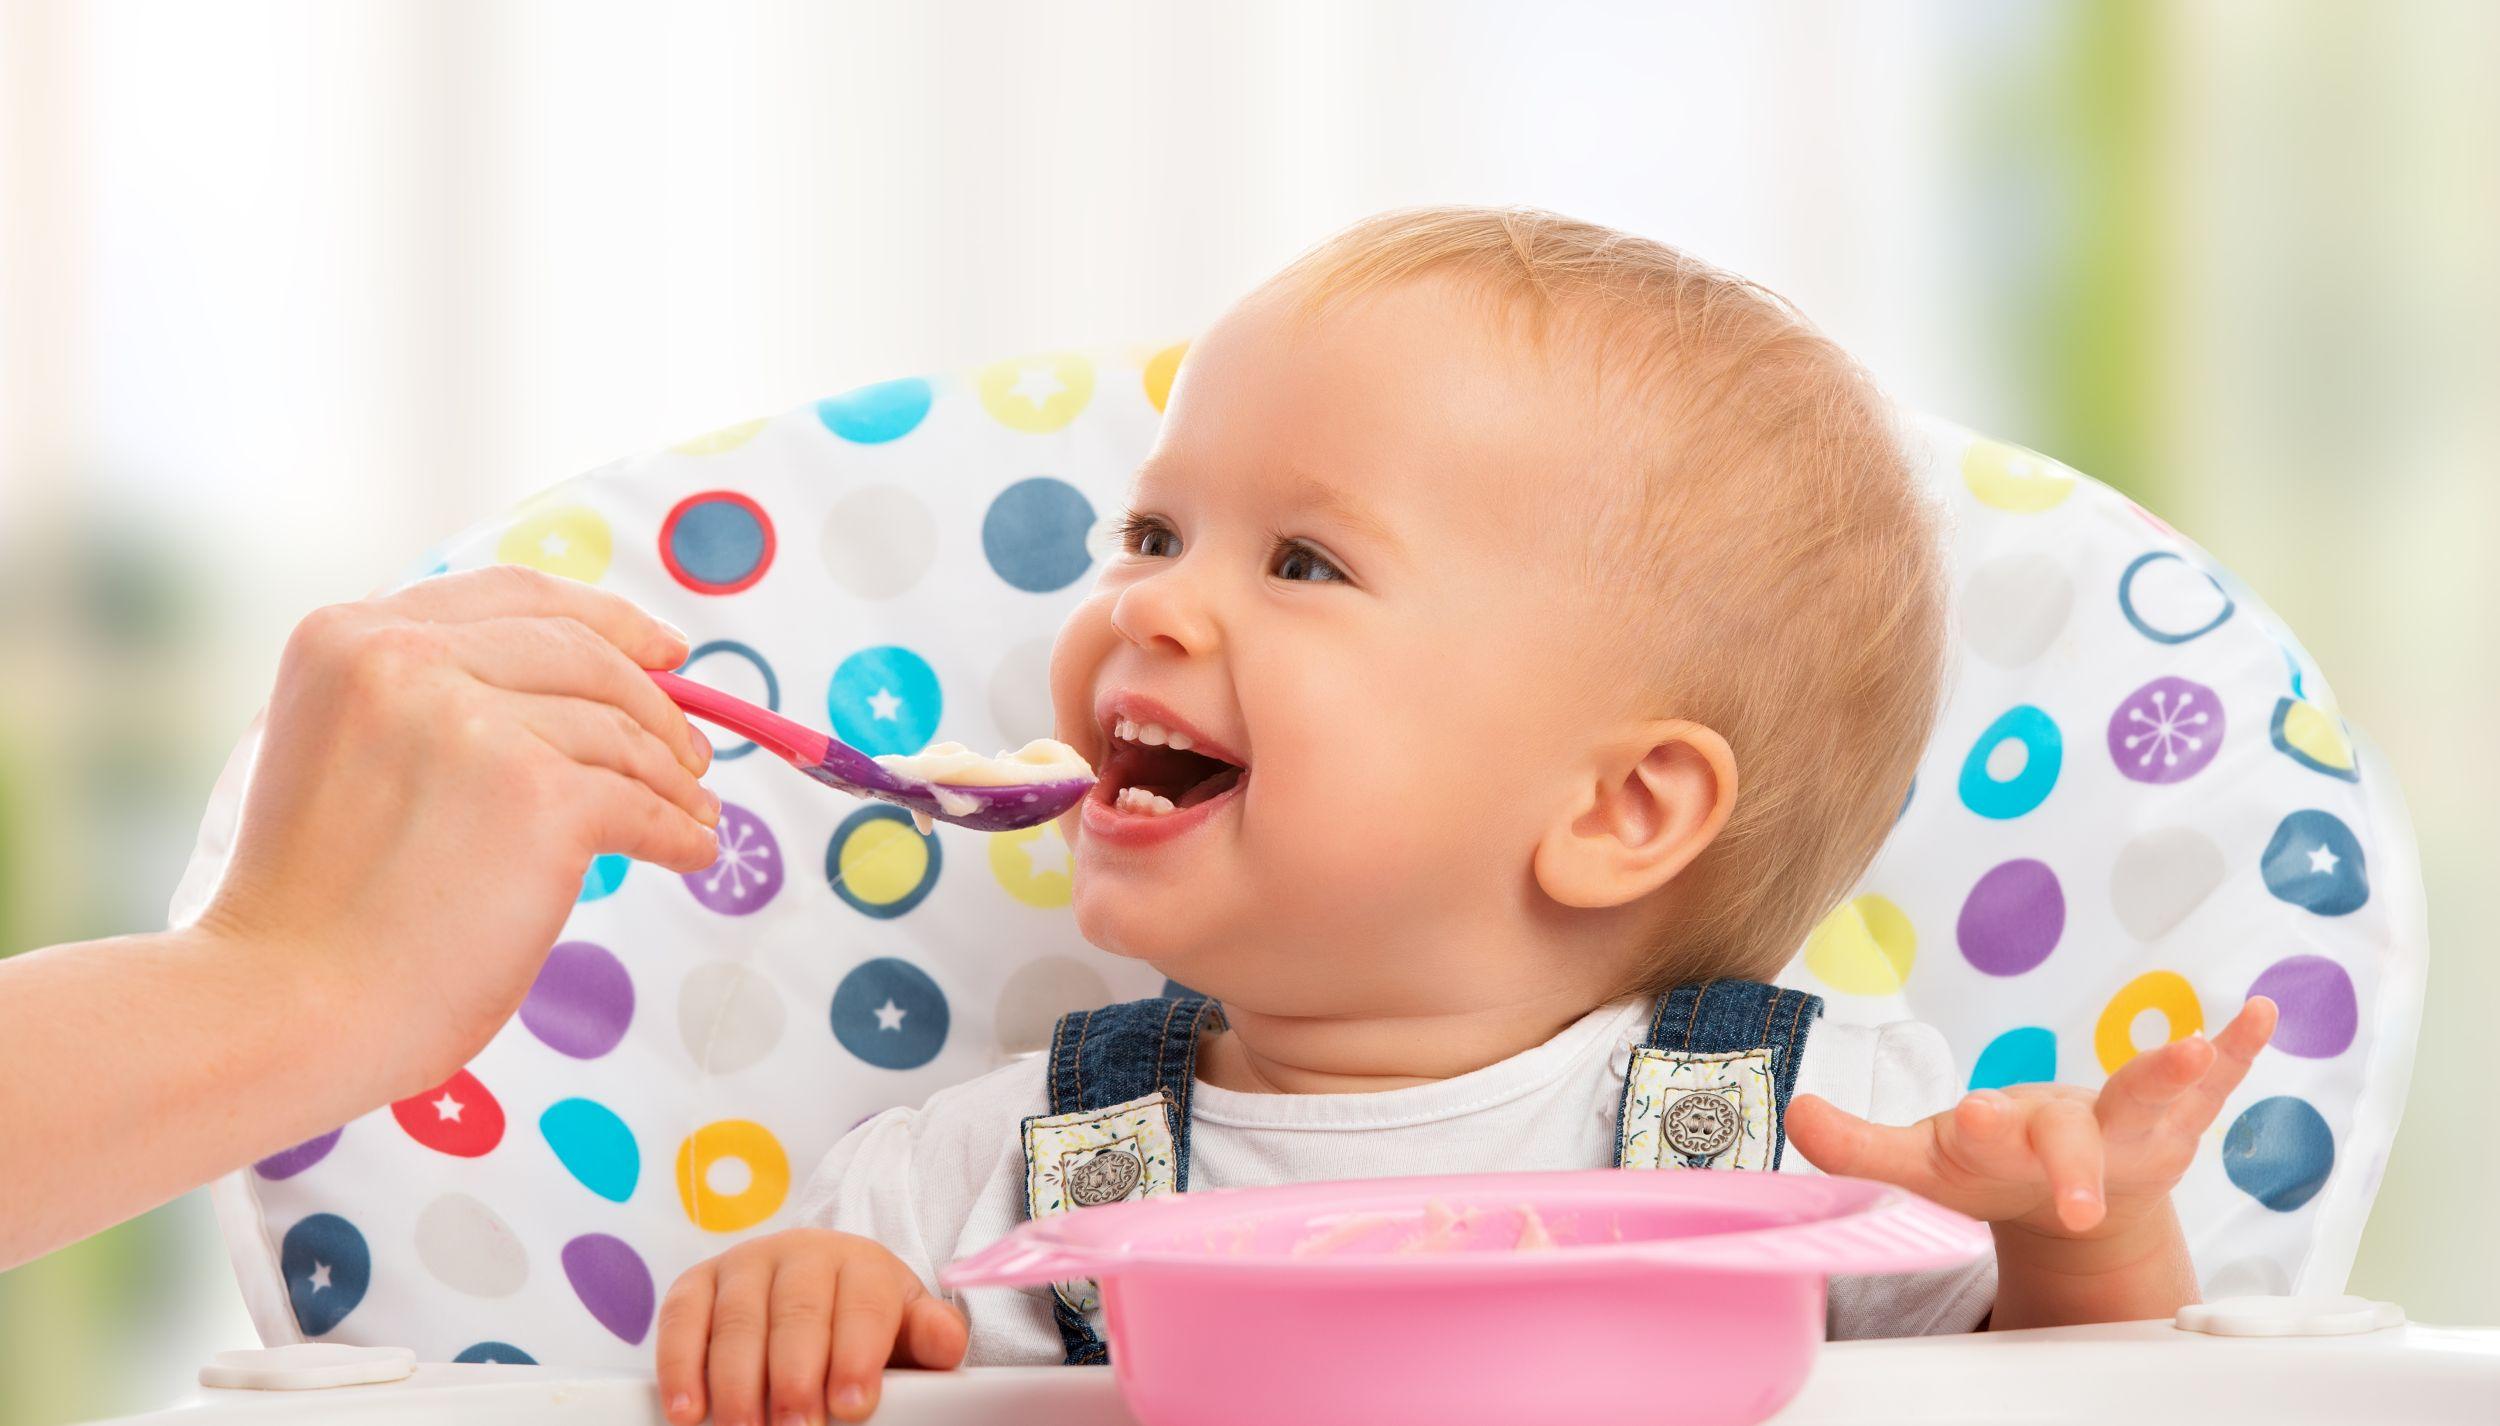 Wybór sposobu karmienia bądź decyzja o odstawieniu dziecka od piersi powinna zawsze należeć do matki (fot. Shutterstock)